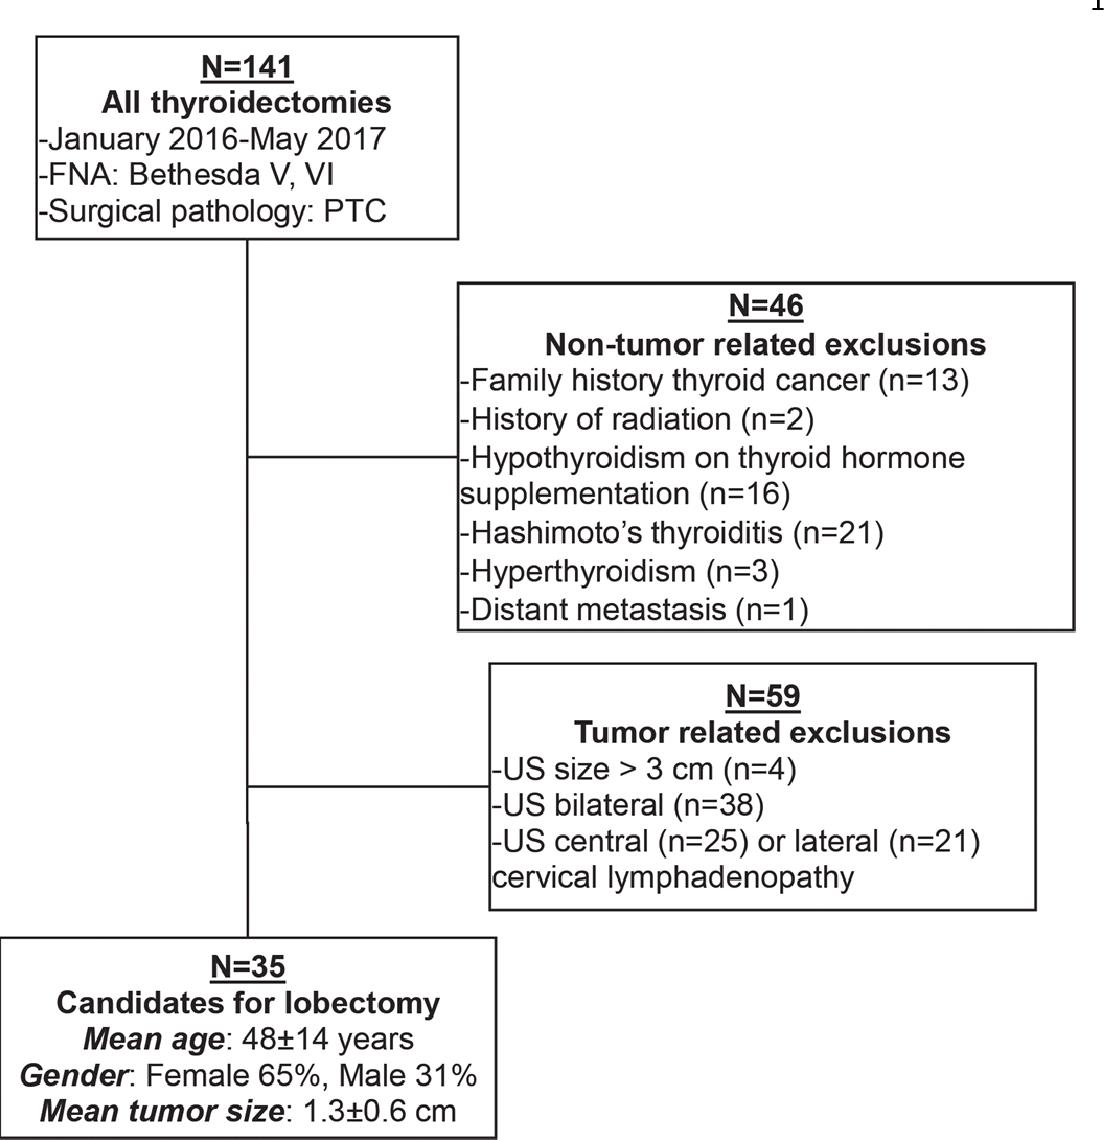 papillary thyroid cancer bethesda v